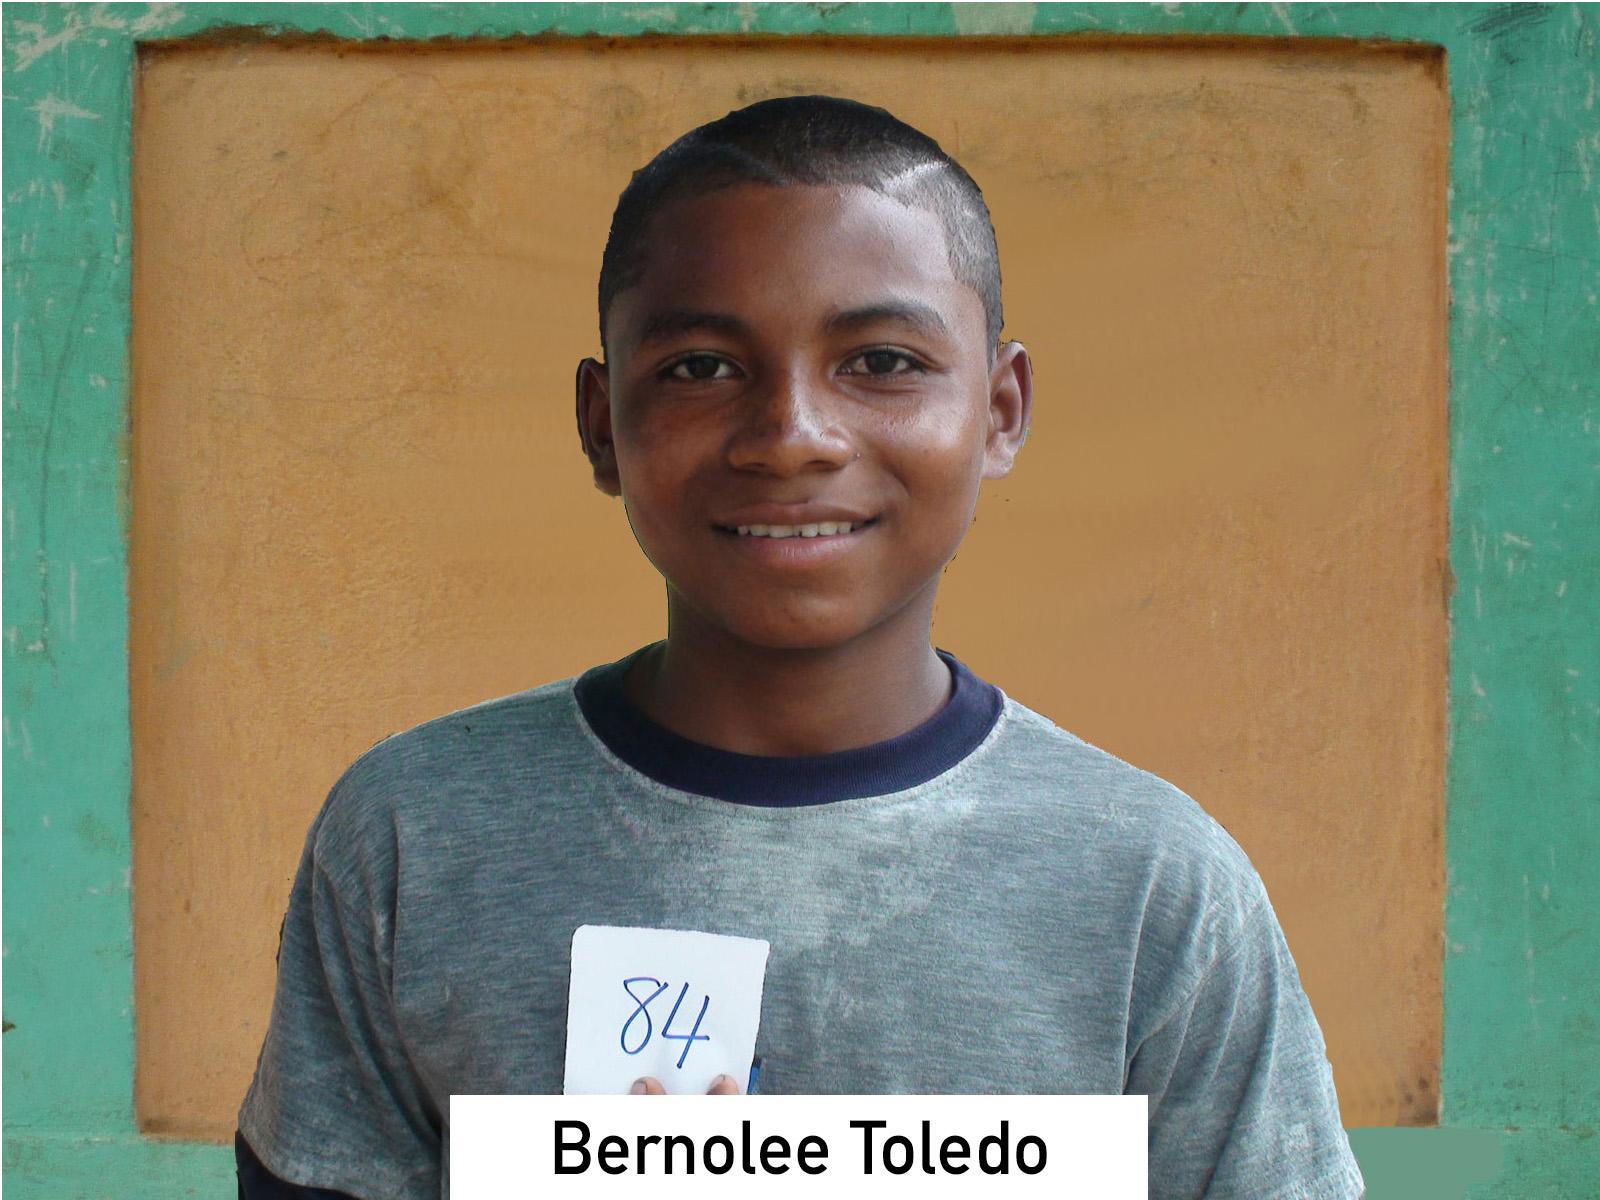 084 - Bernolee Toledo.jpg